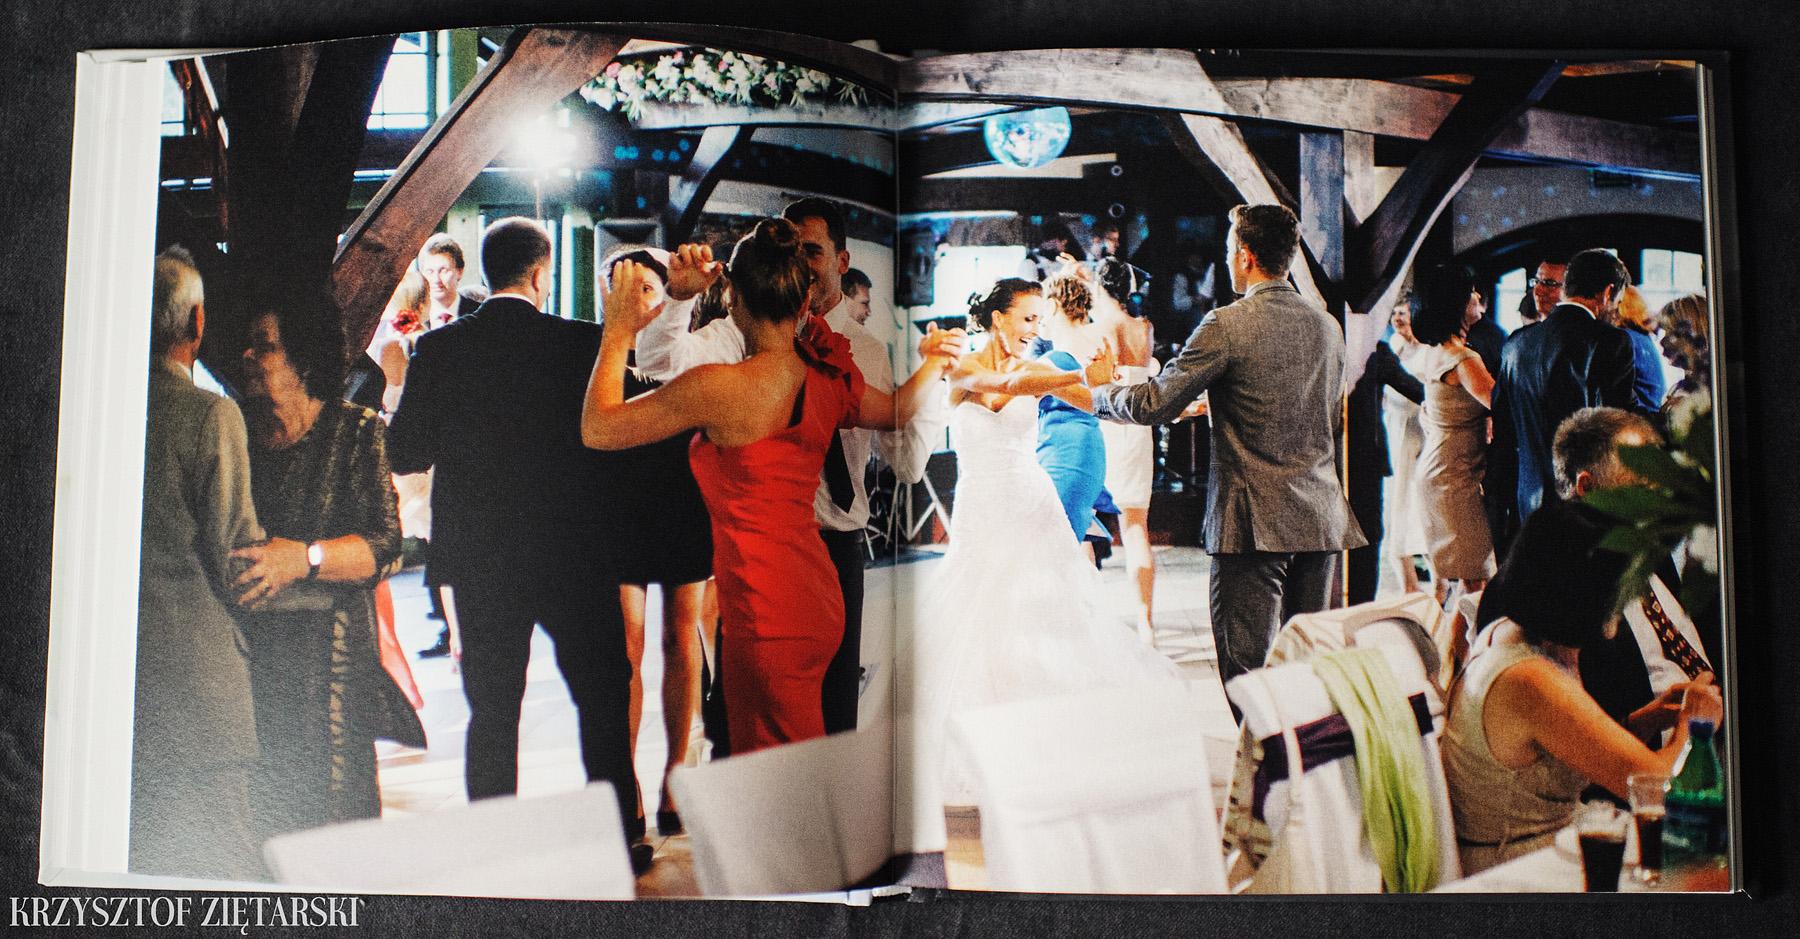 FlatBook 22x22cm, papier neutralny niepowlekany, fotookładka, wyklejka w kolorze papieru - zdjęcia, przykłady, opinie, recenzja